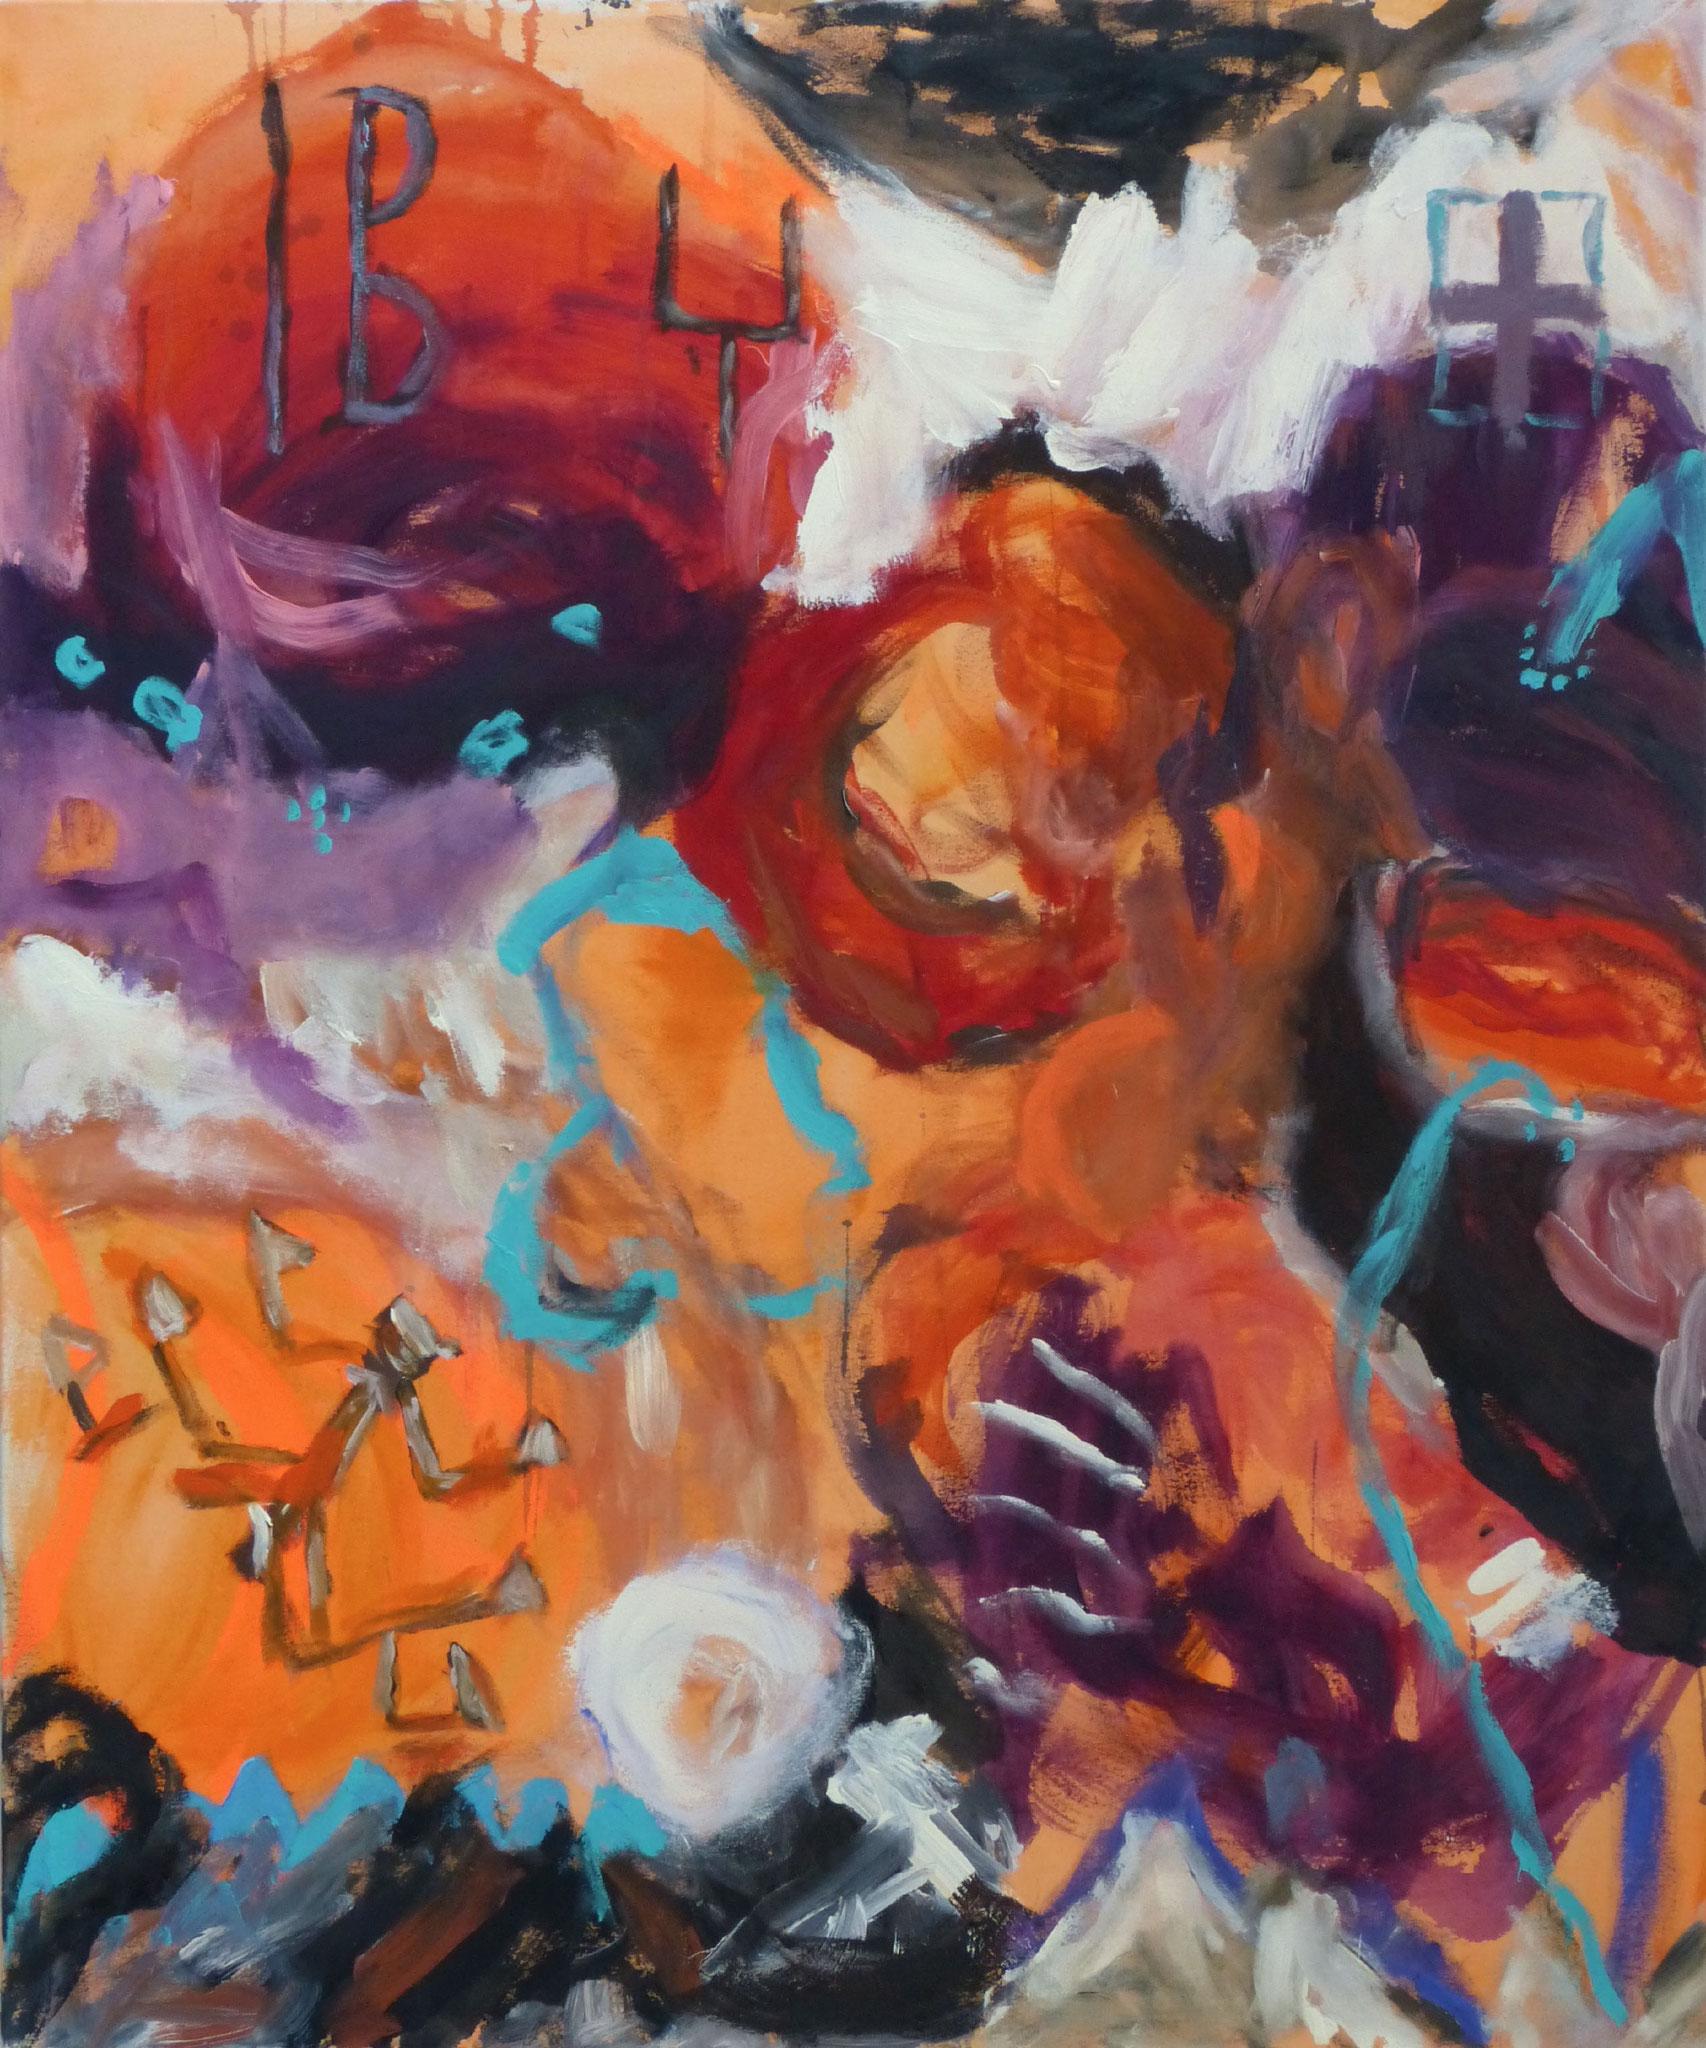 Marrakesch 2,  Acryl/Leinwand, 120x100 cm, 2018